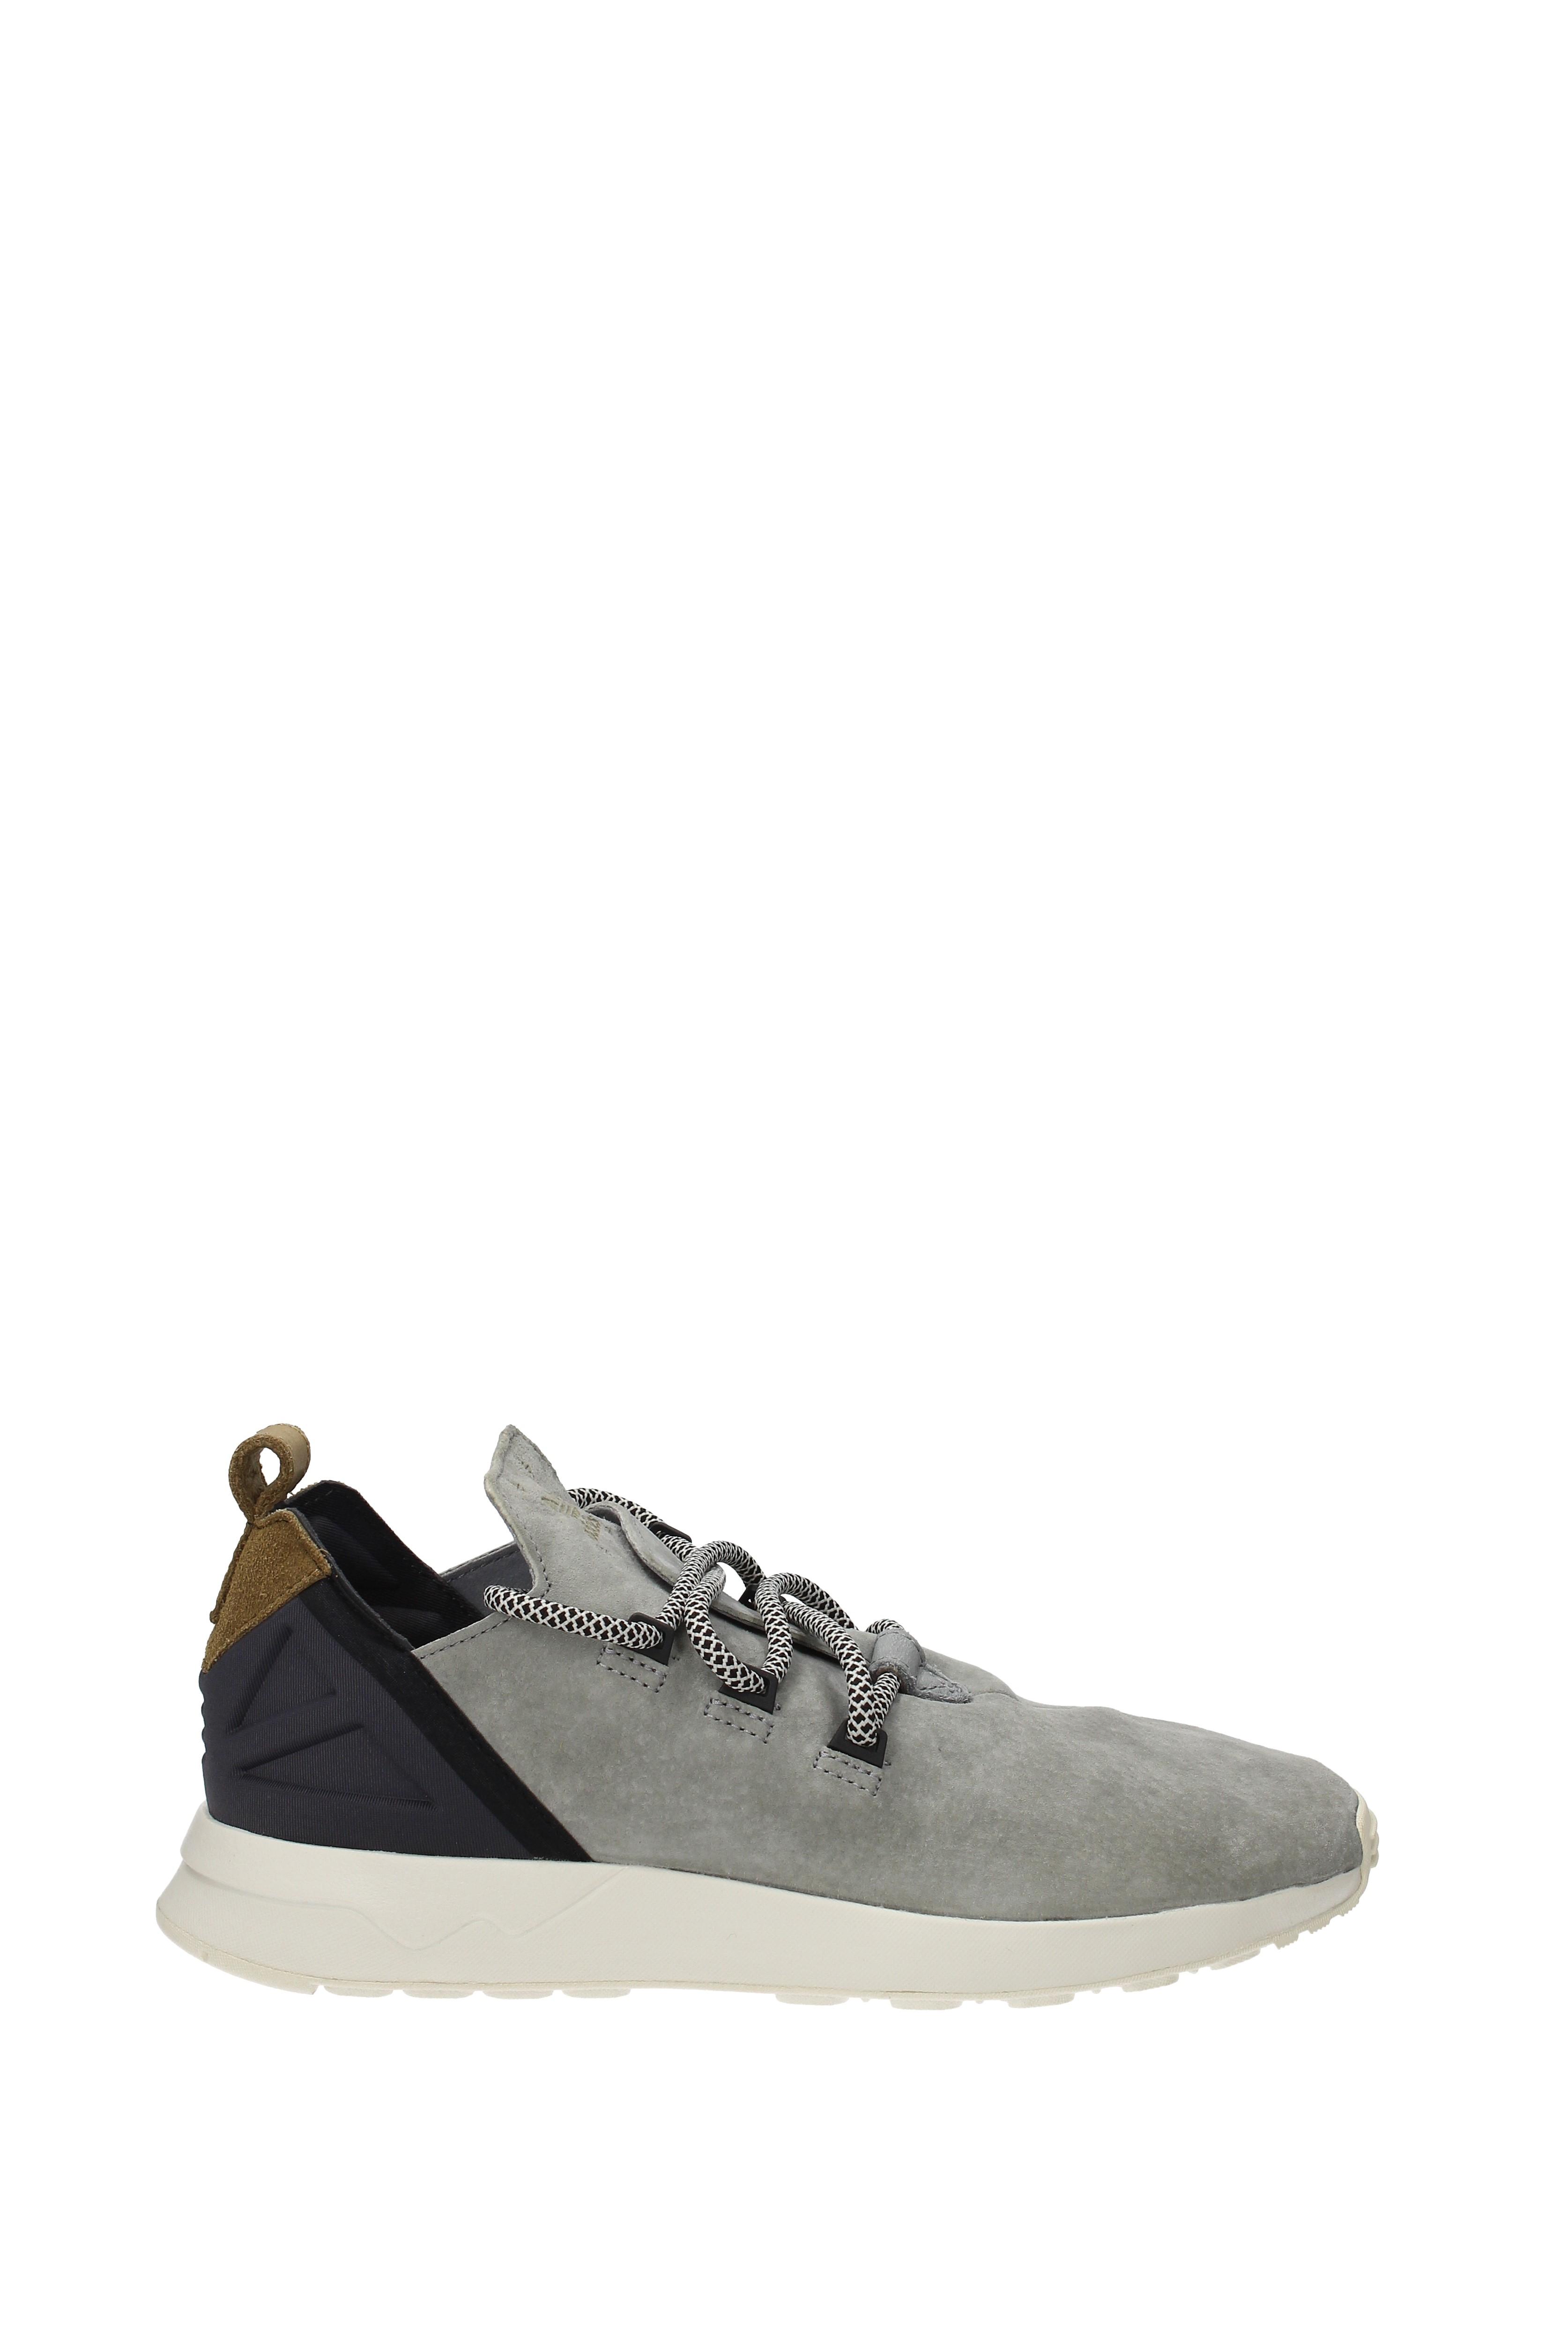 Sneakers Adidas zx flux adv Herren x Herren adv - Stoff (S7636) 3911c1